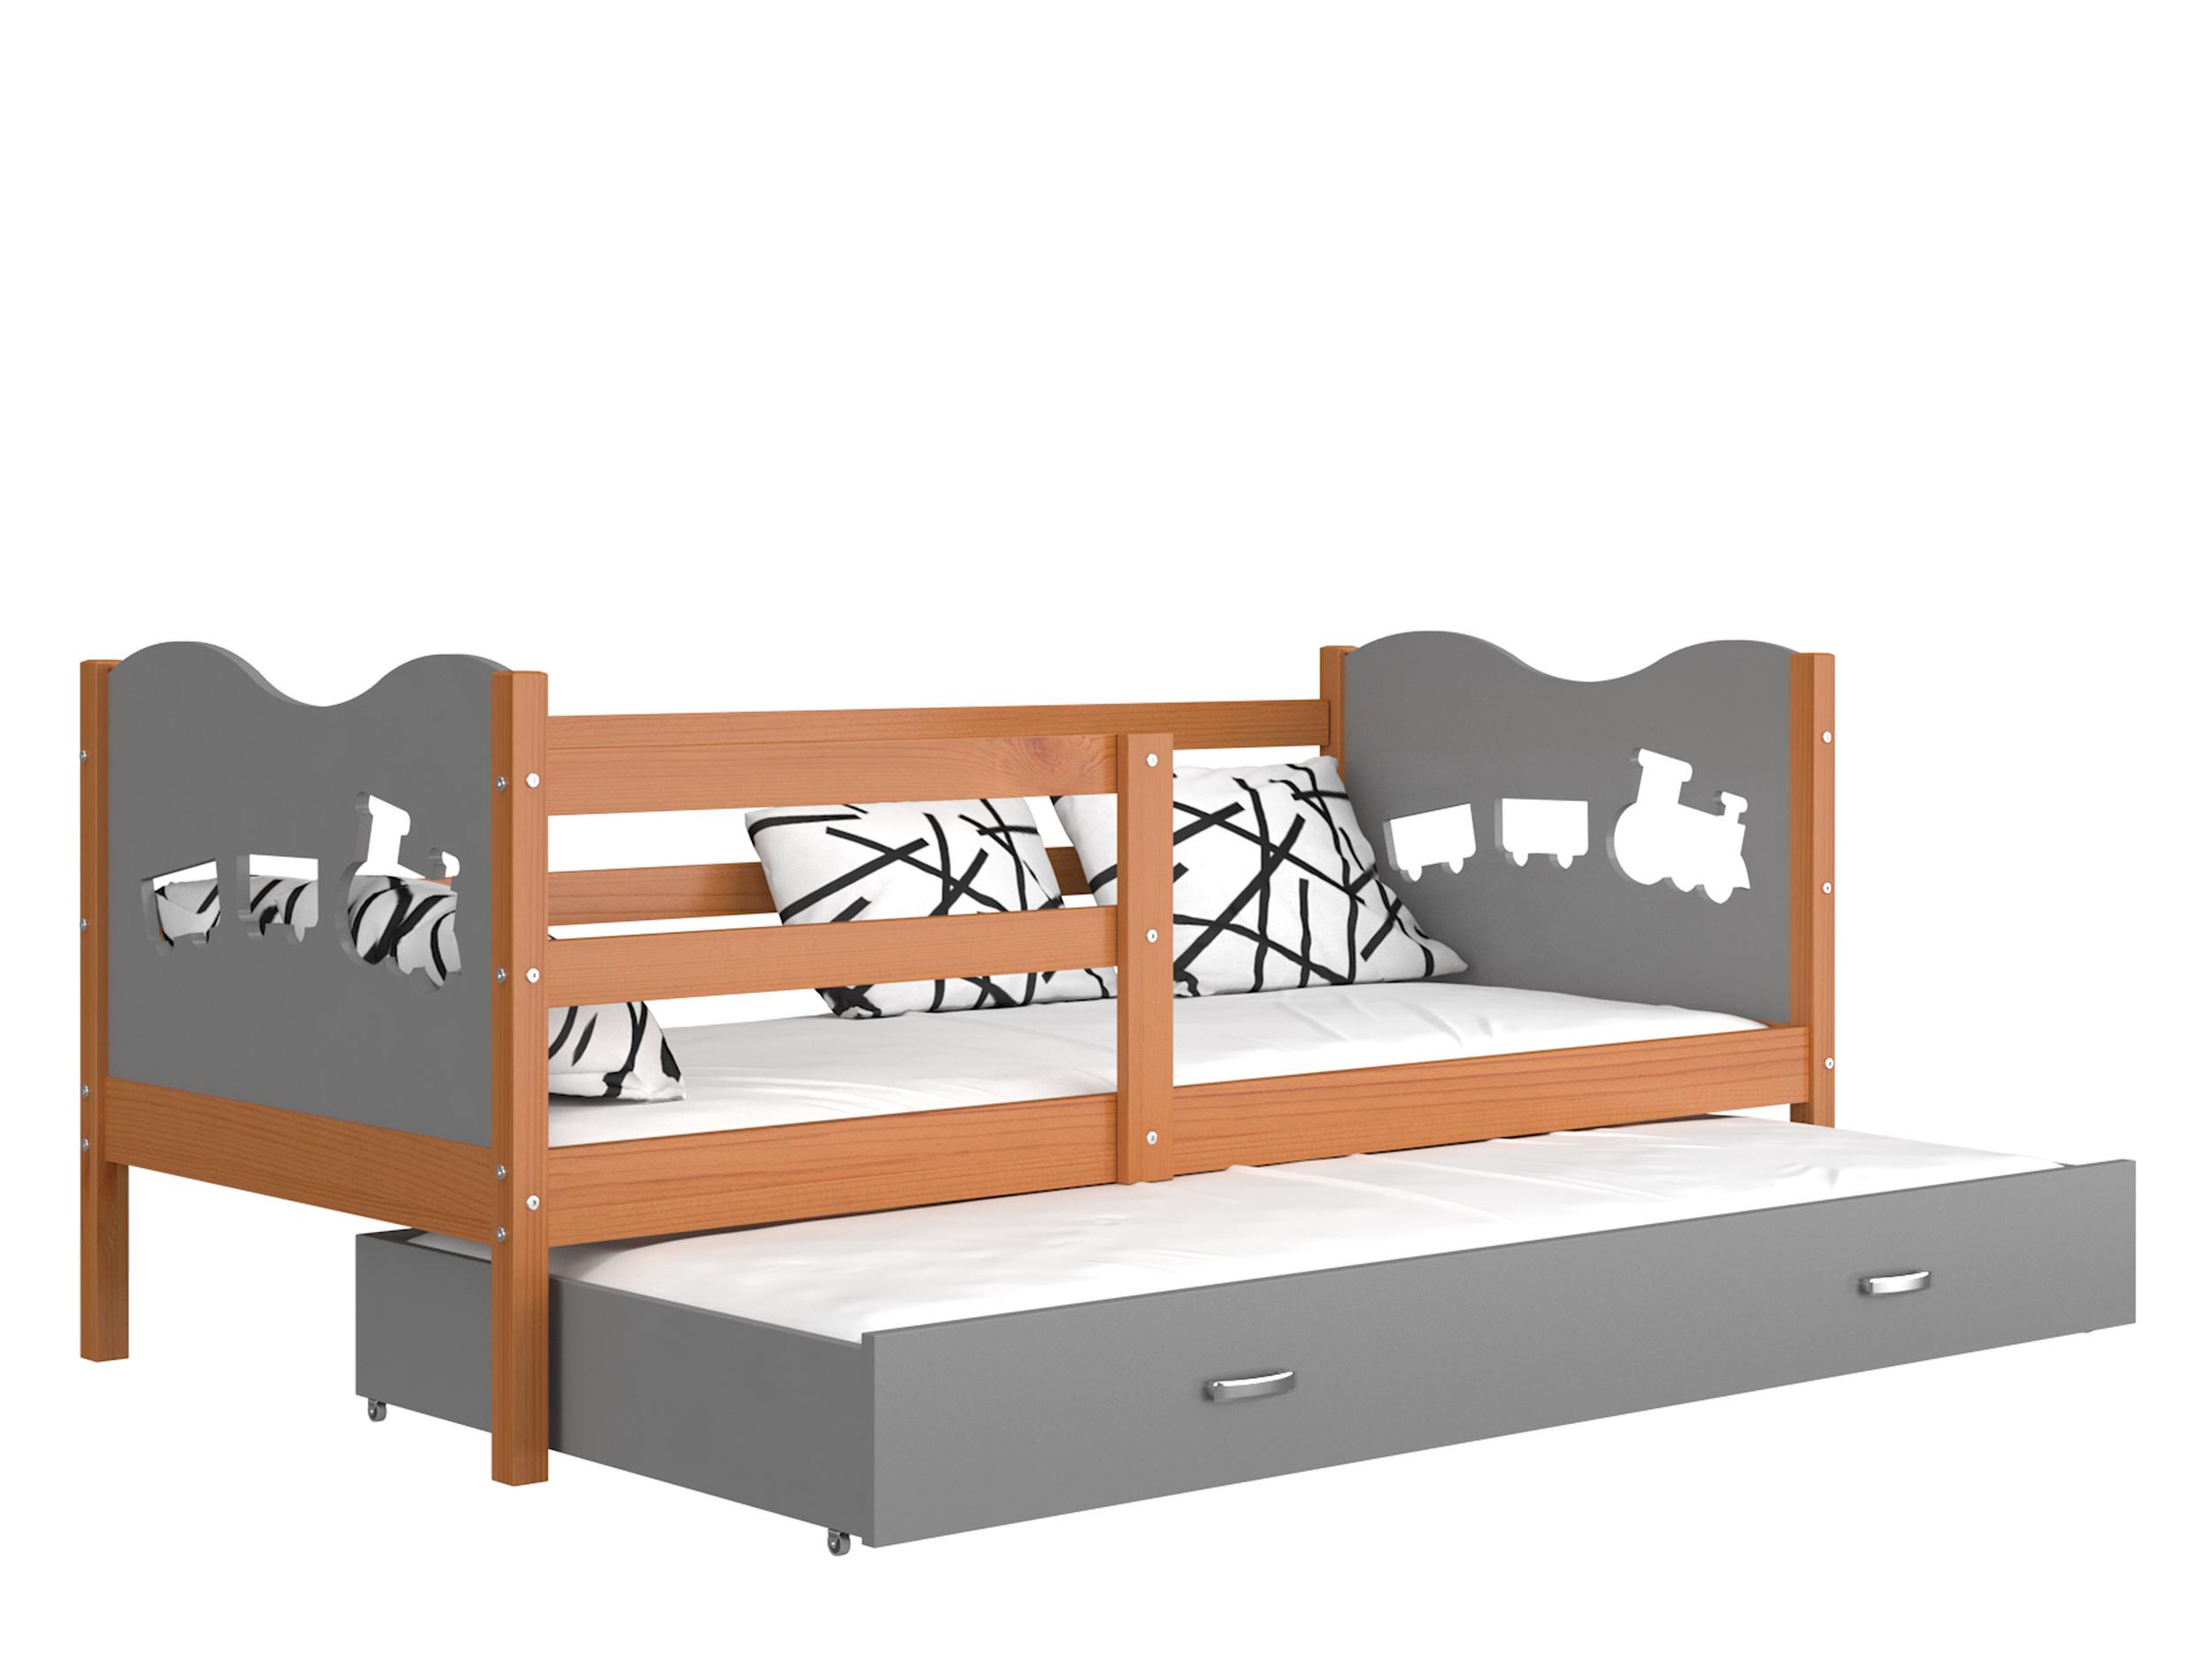 ArtAJ Detská posteľ Max P2 drevo / MDF 190 x 80 cm Max: jelša / sivá s matracom 190 x 80 cm